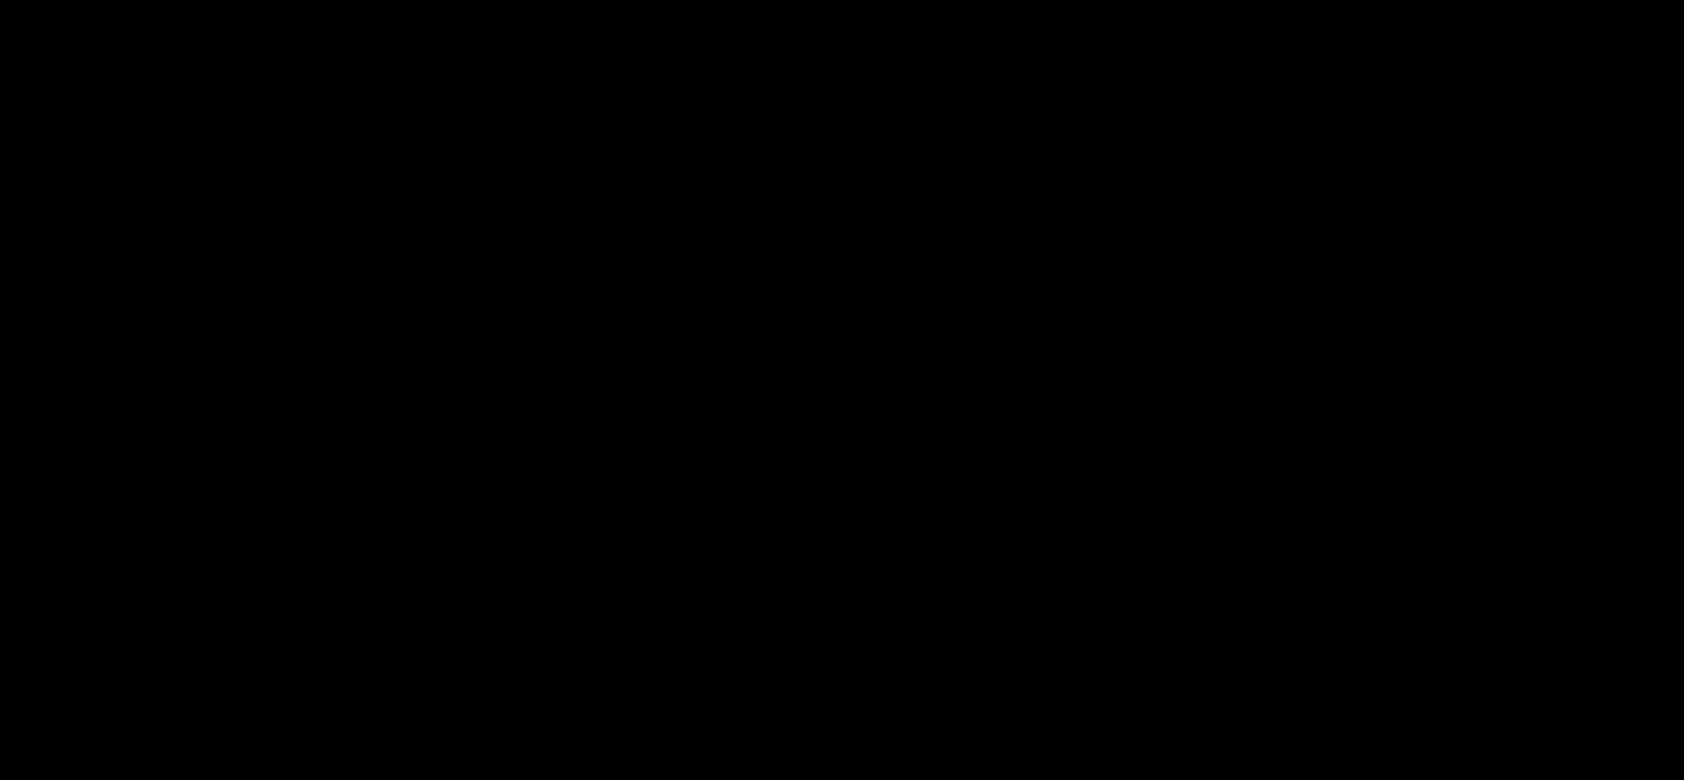 (E)-2-{[3-(4-Cyclopentyloxy-3-methoxy-d<sub>3</sub>-phenyl)-1-oxo-2-propenyl]amino}benzoic acid